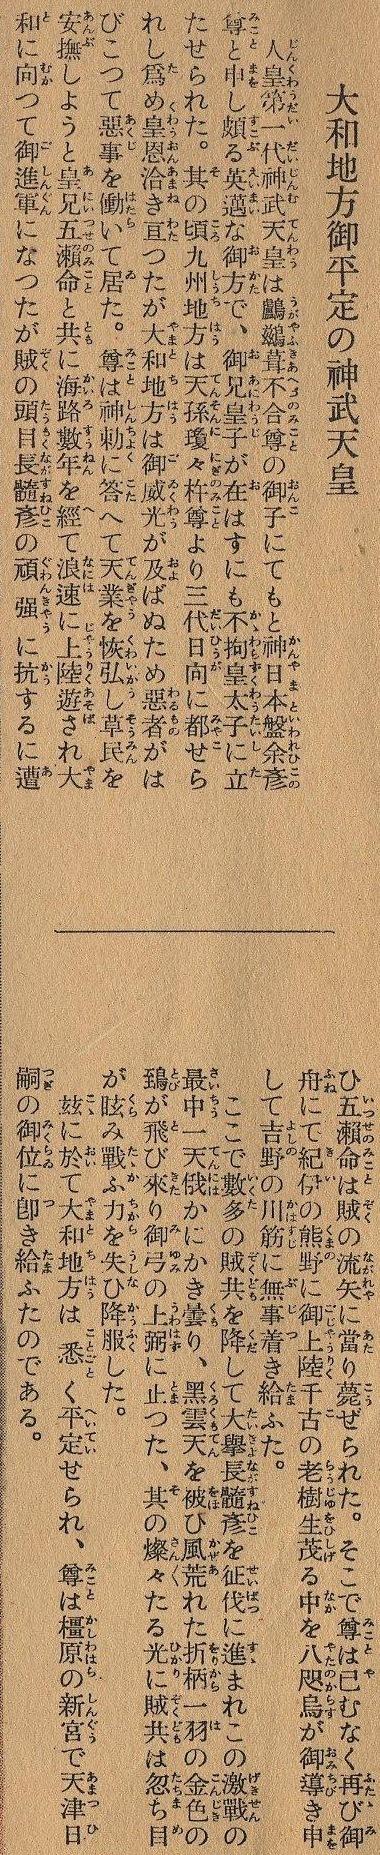 02_jinmutenno_yamatoheitei_ex.jpg